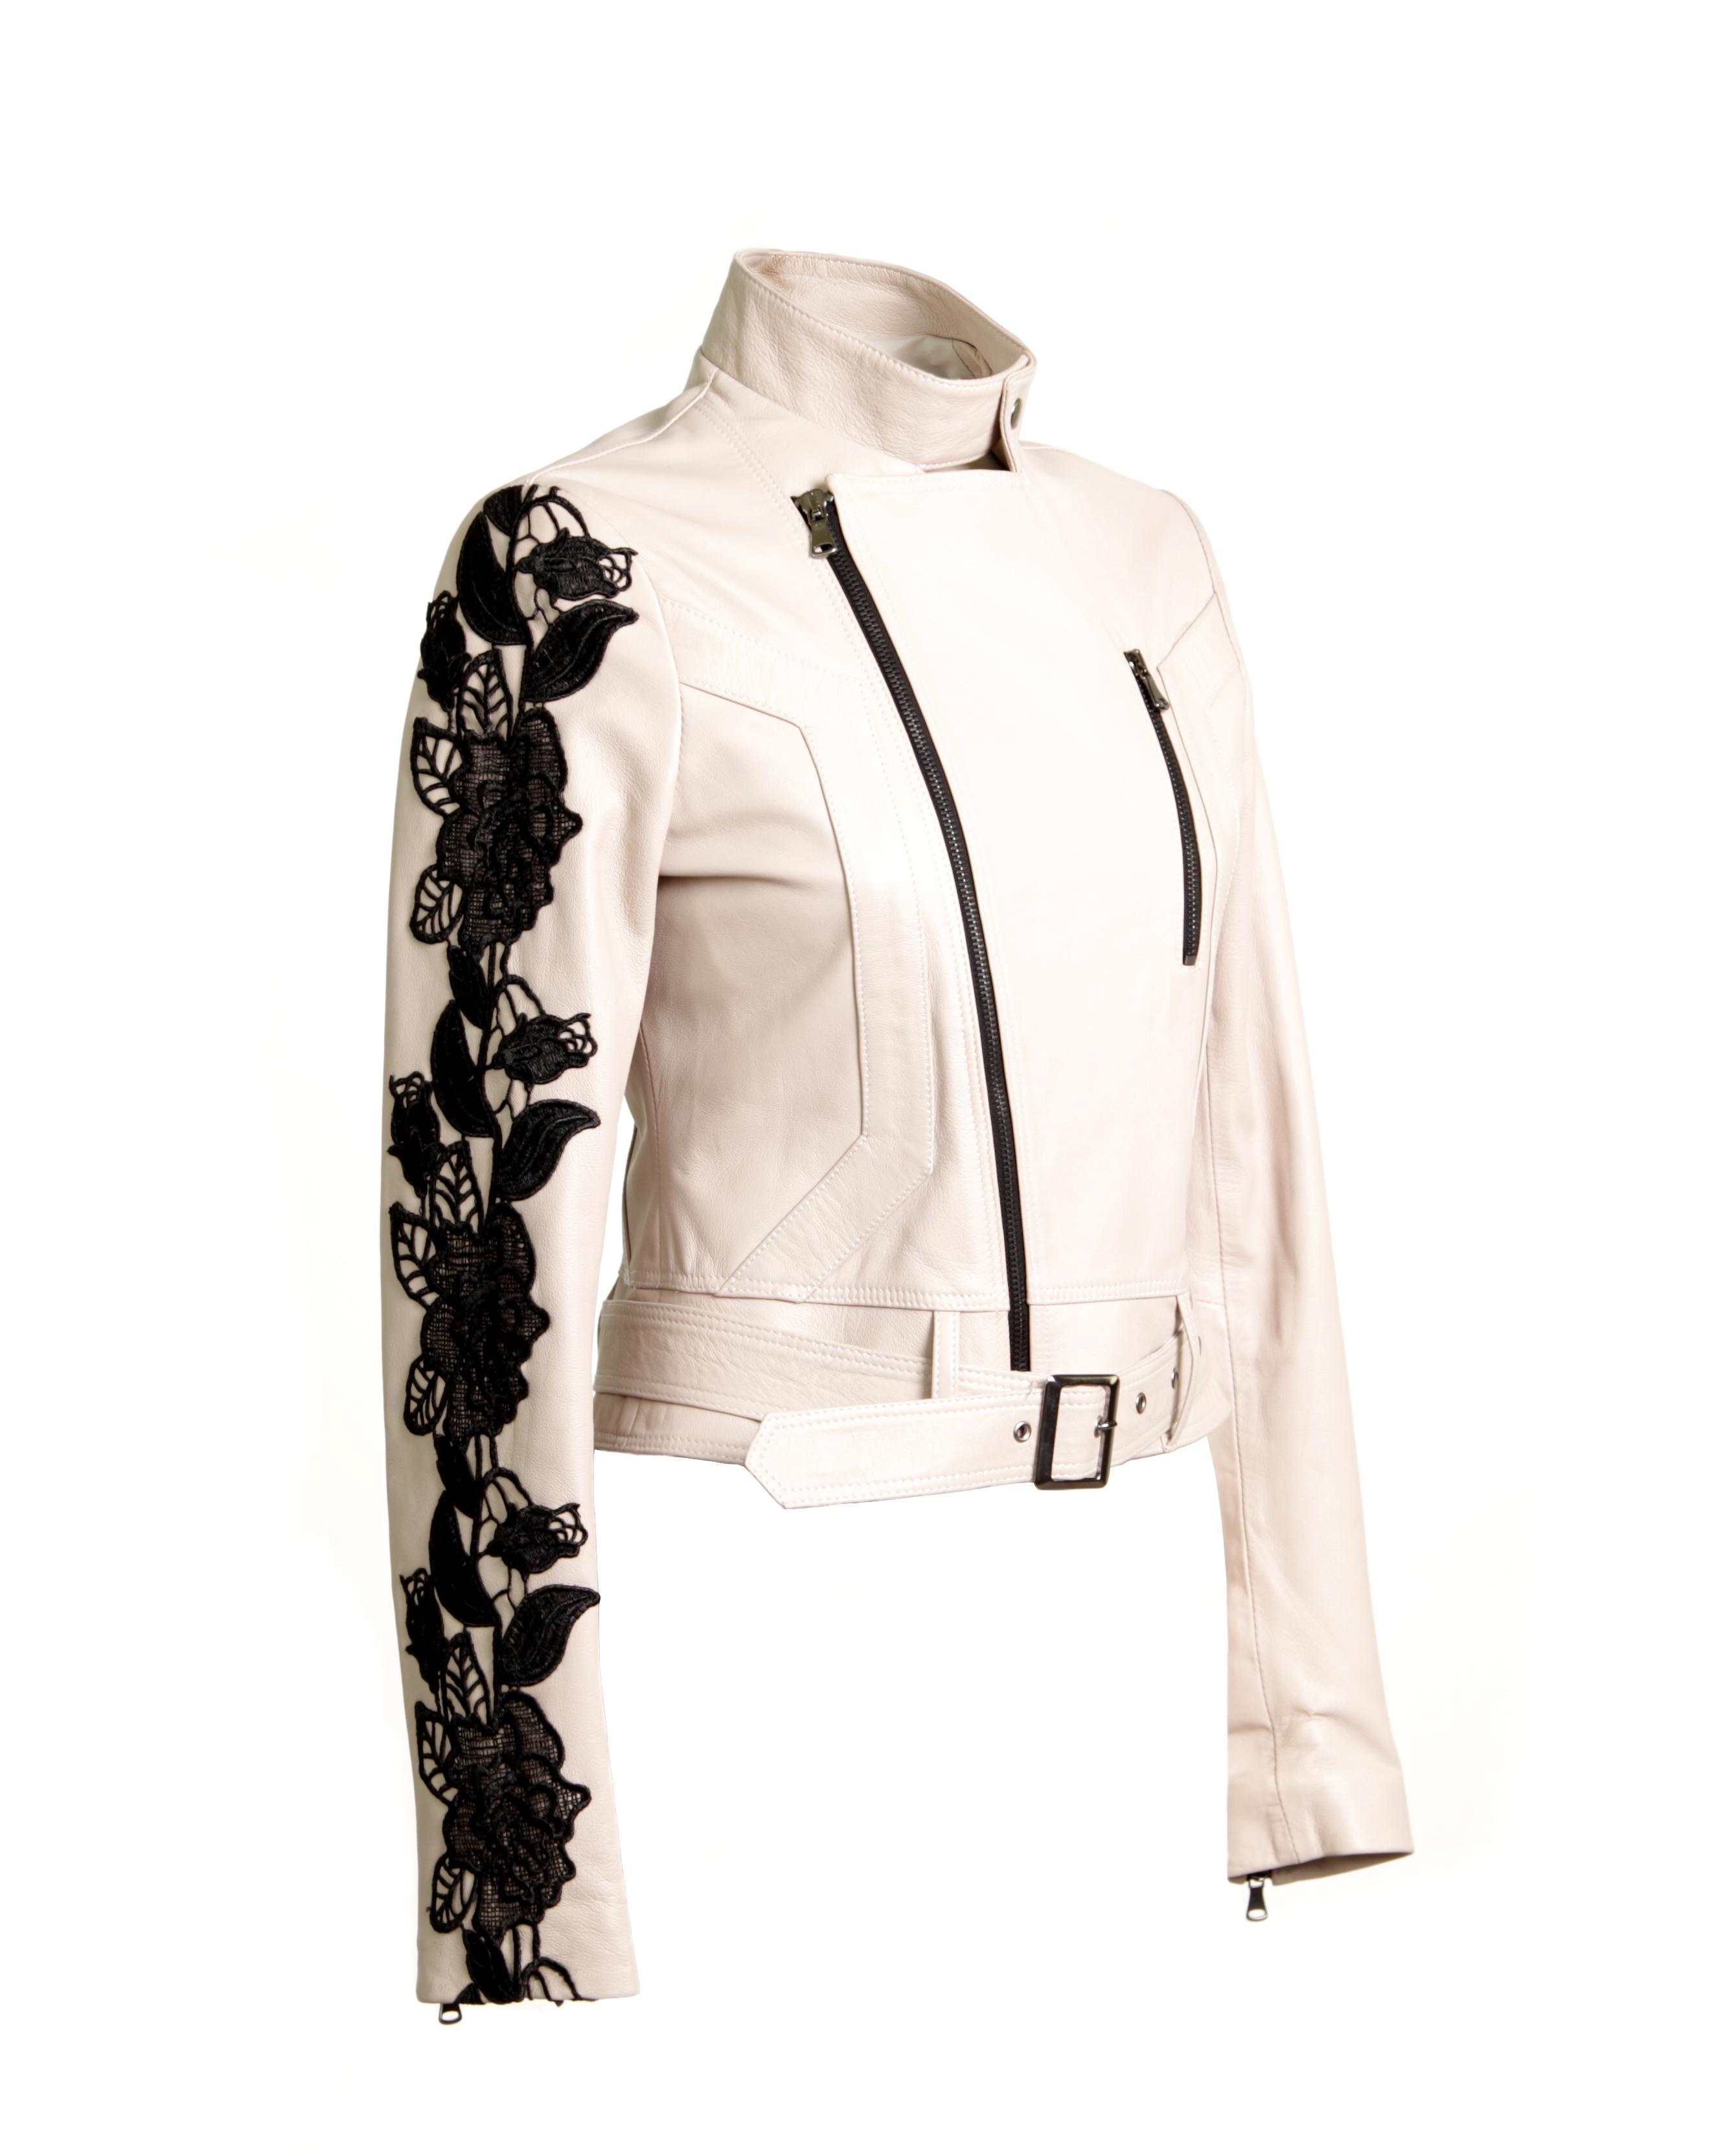 jacket A side 1